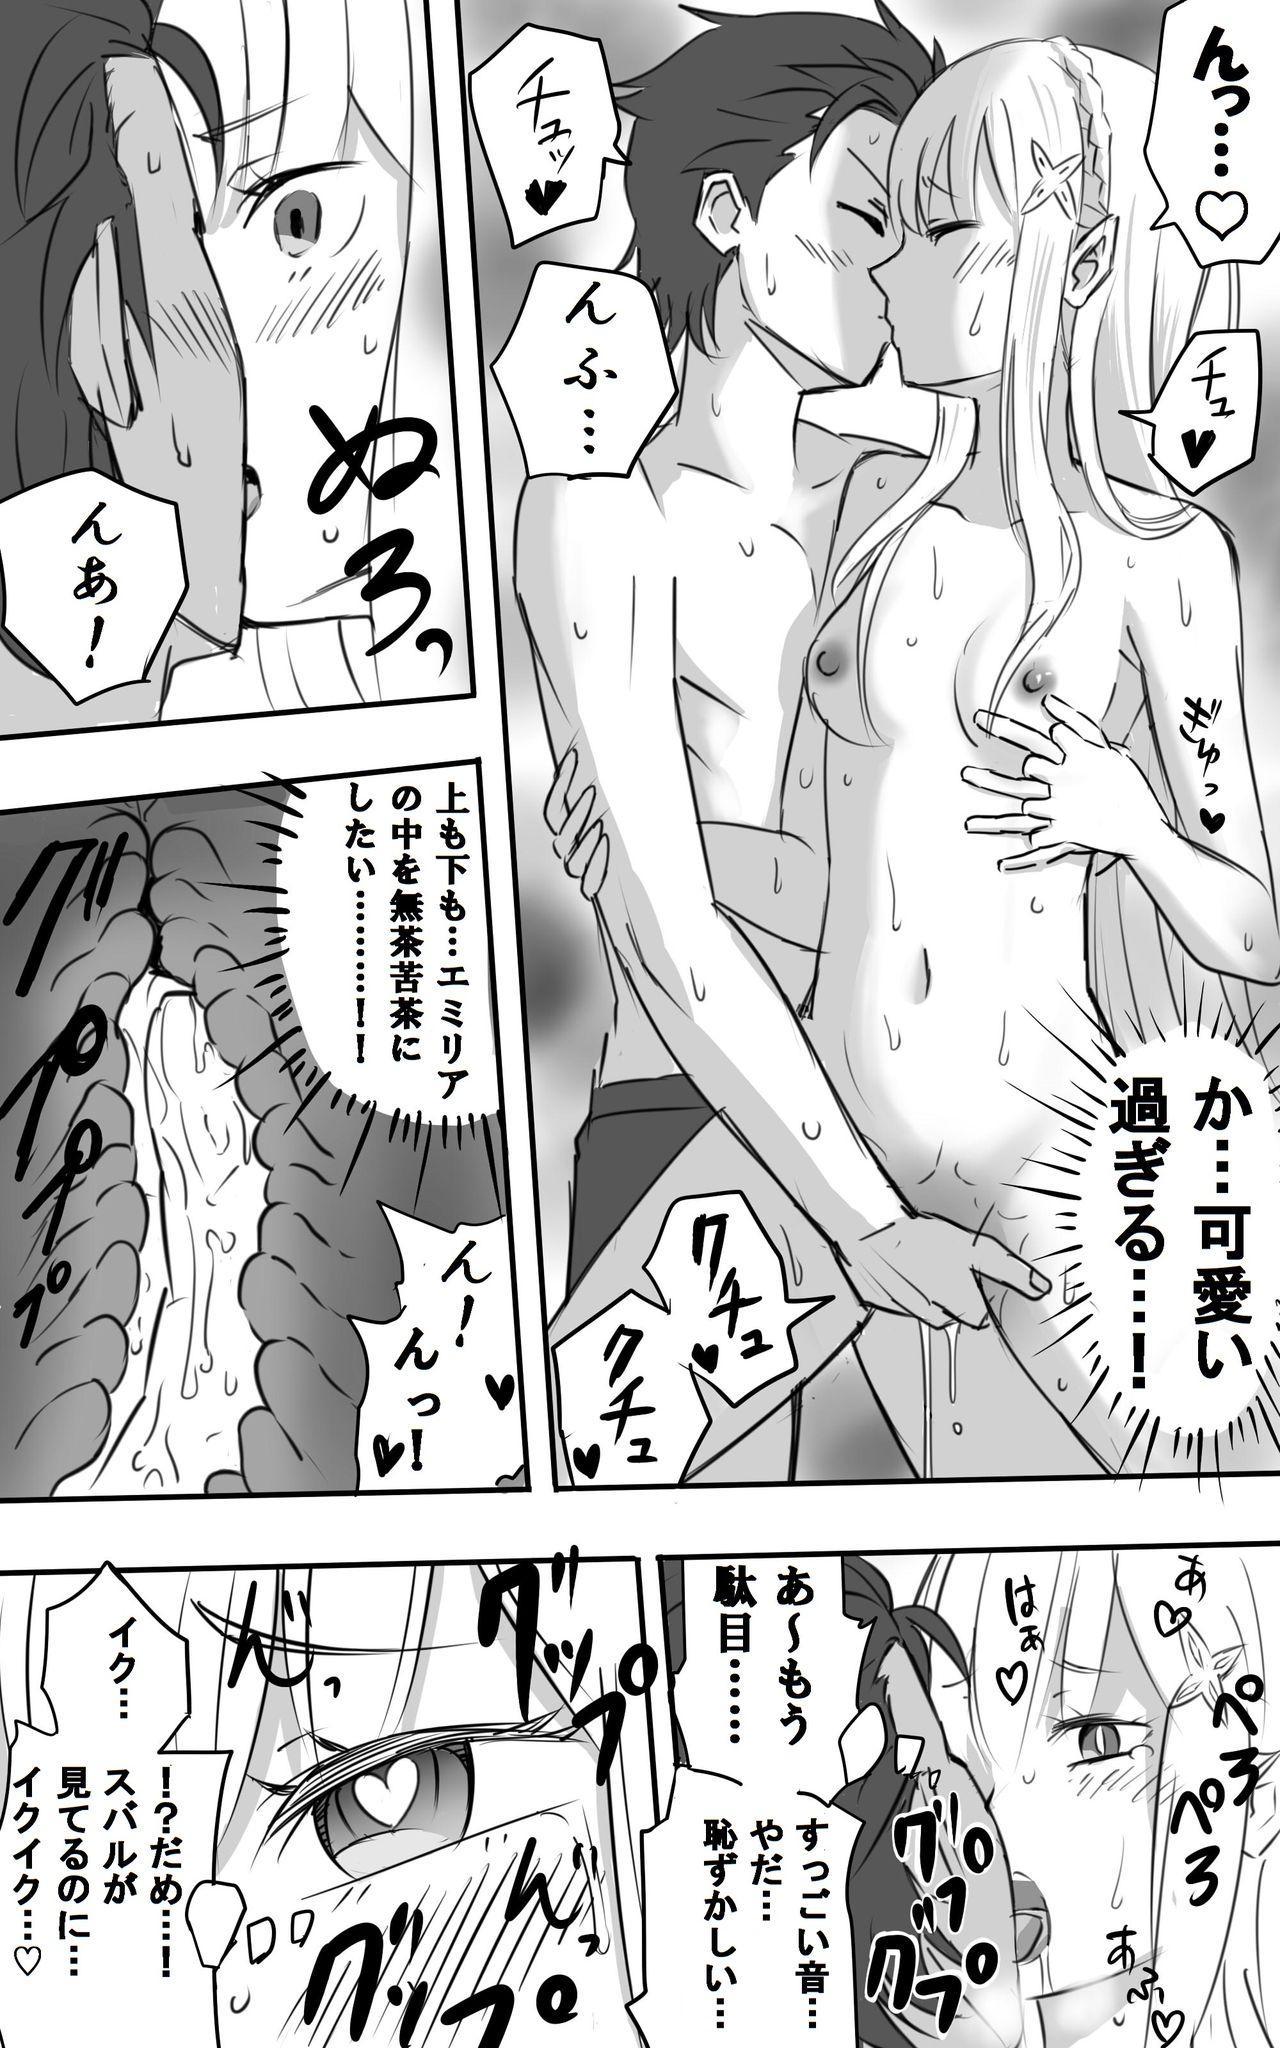 [NIJI-TERU] Emilia-tan to Sugooku Sex Sono 1-10 (Re:Zero kara Hajimeru Isekai Seikatsu) 20